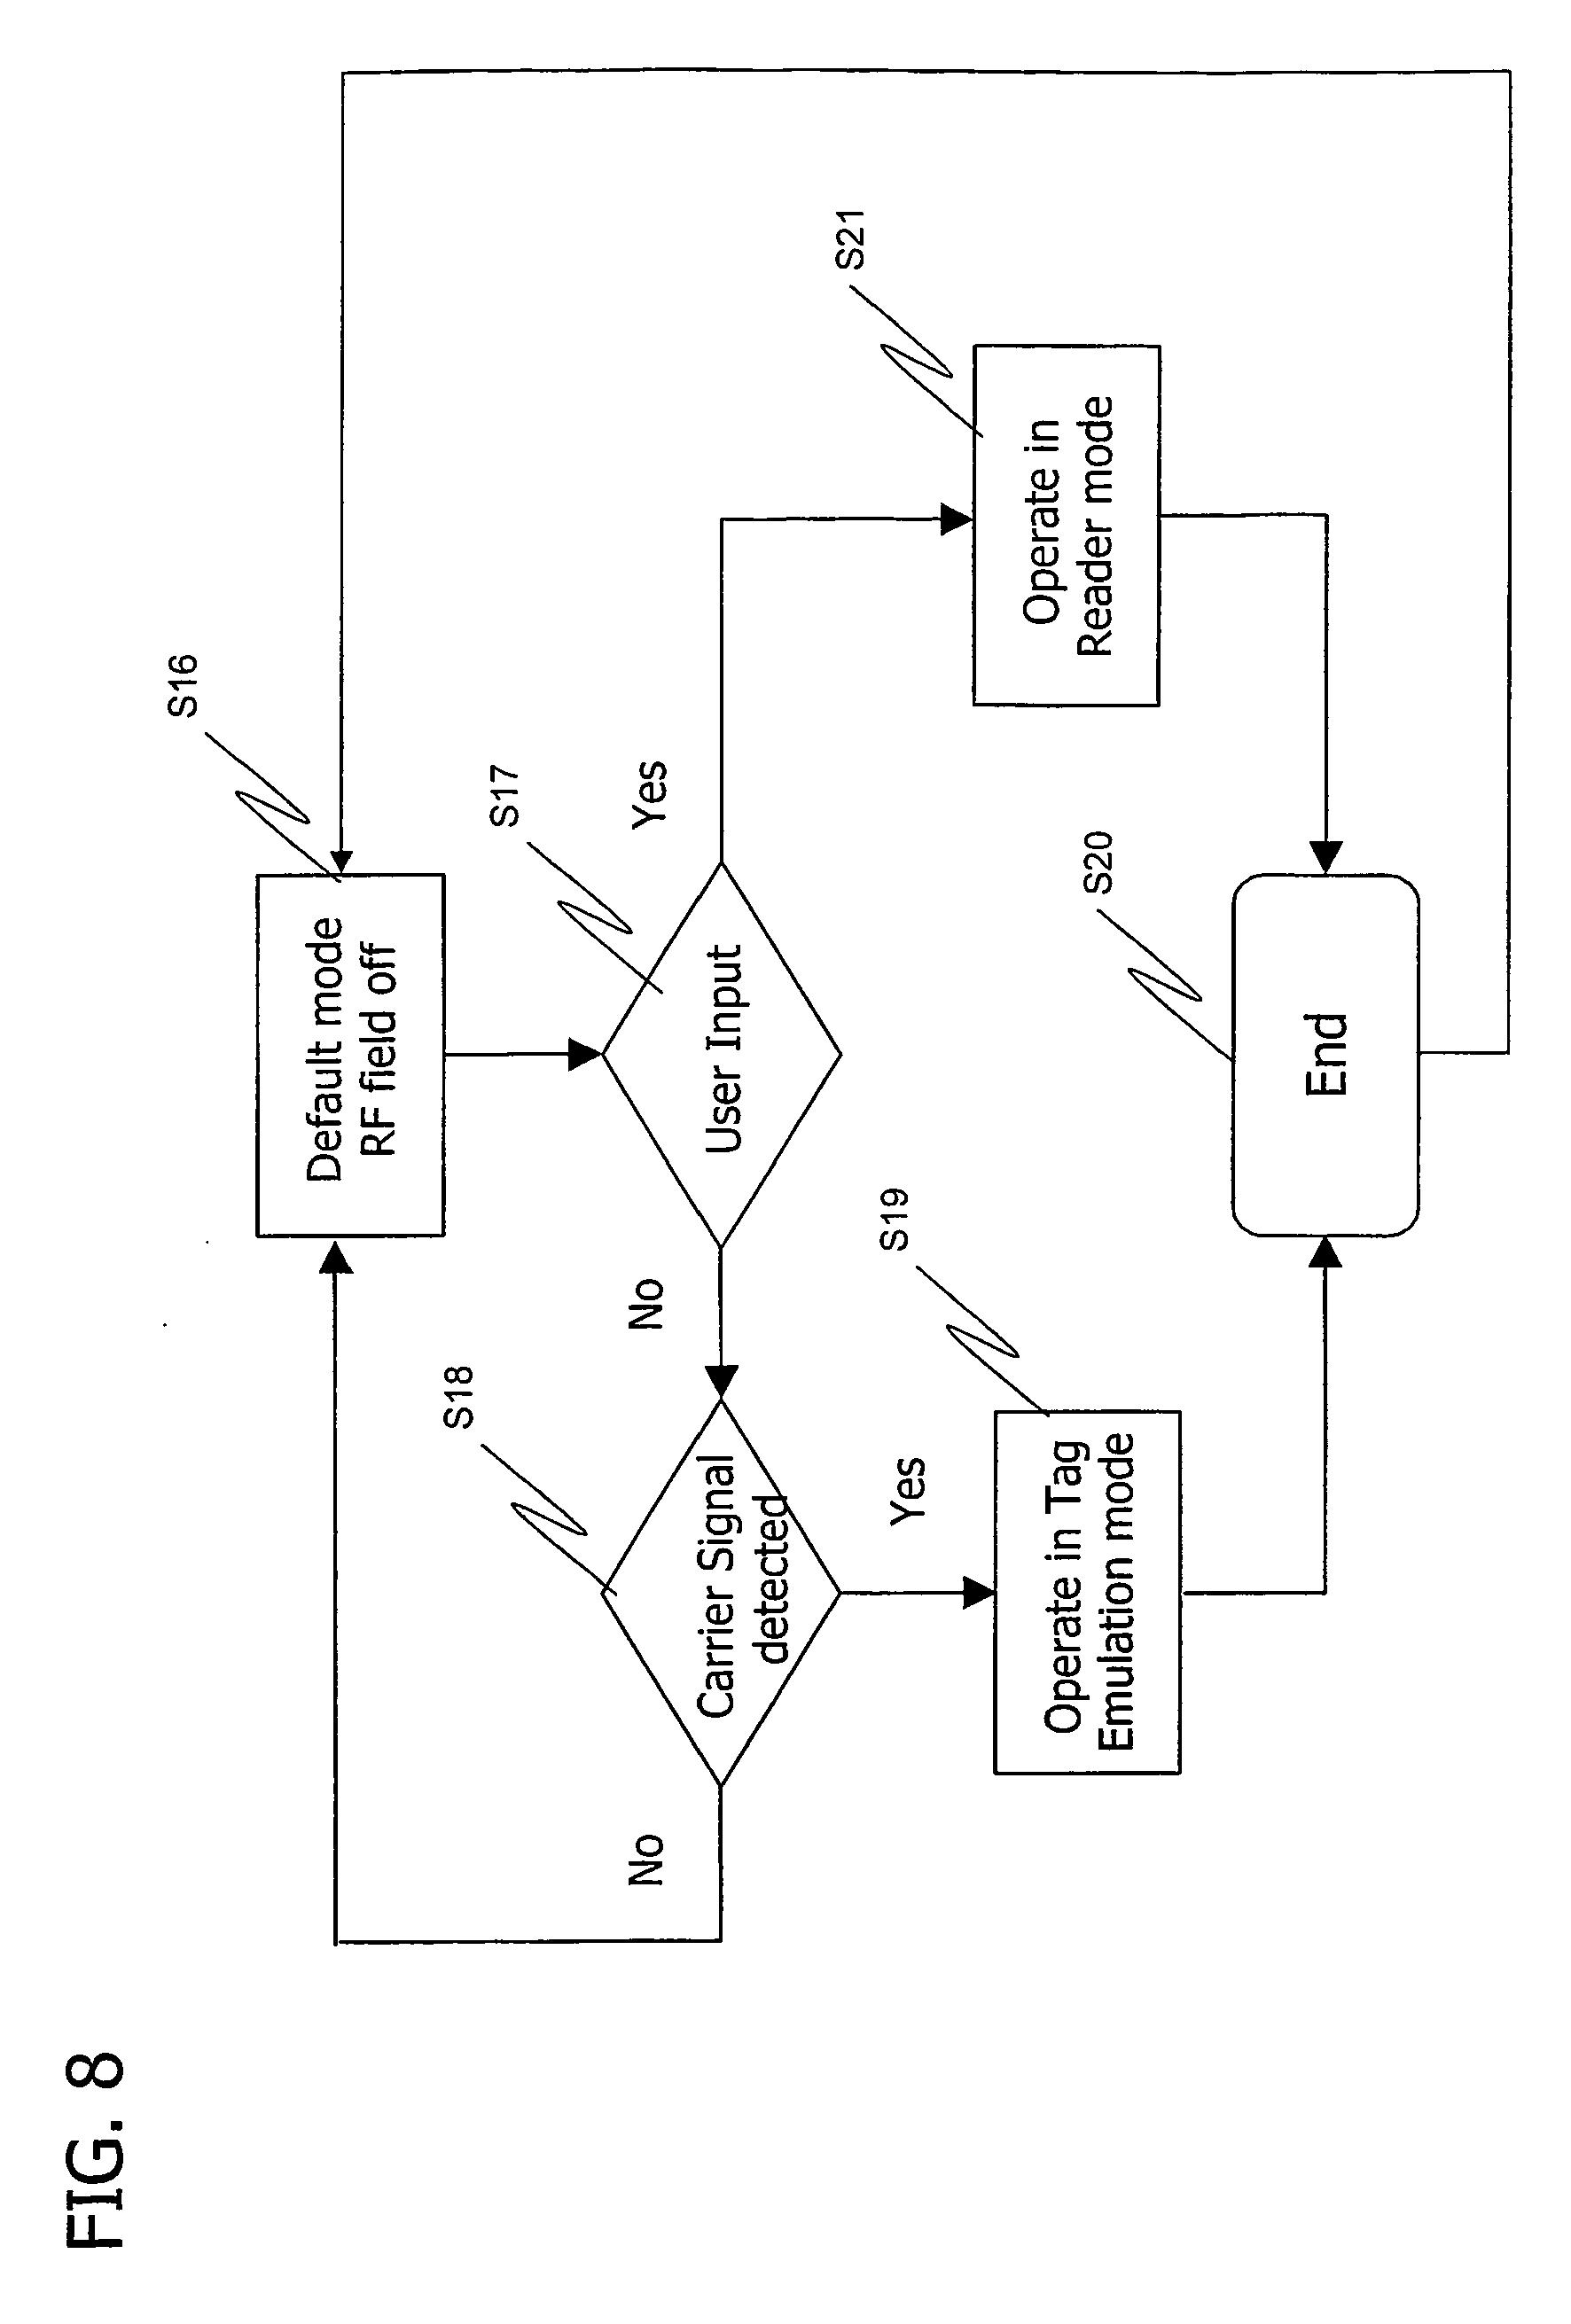 专利ep1761880b1 - rfid